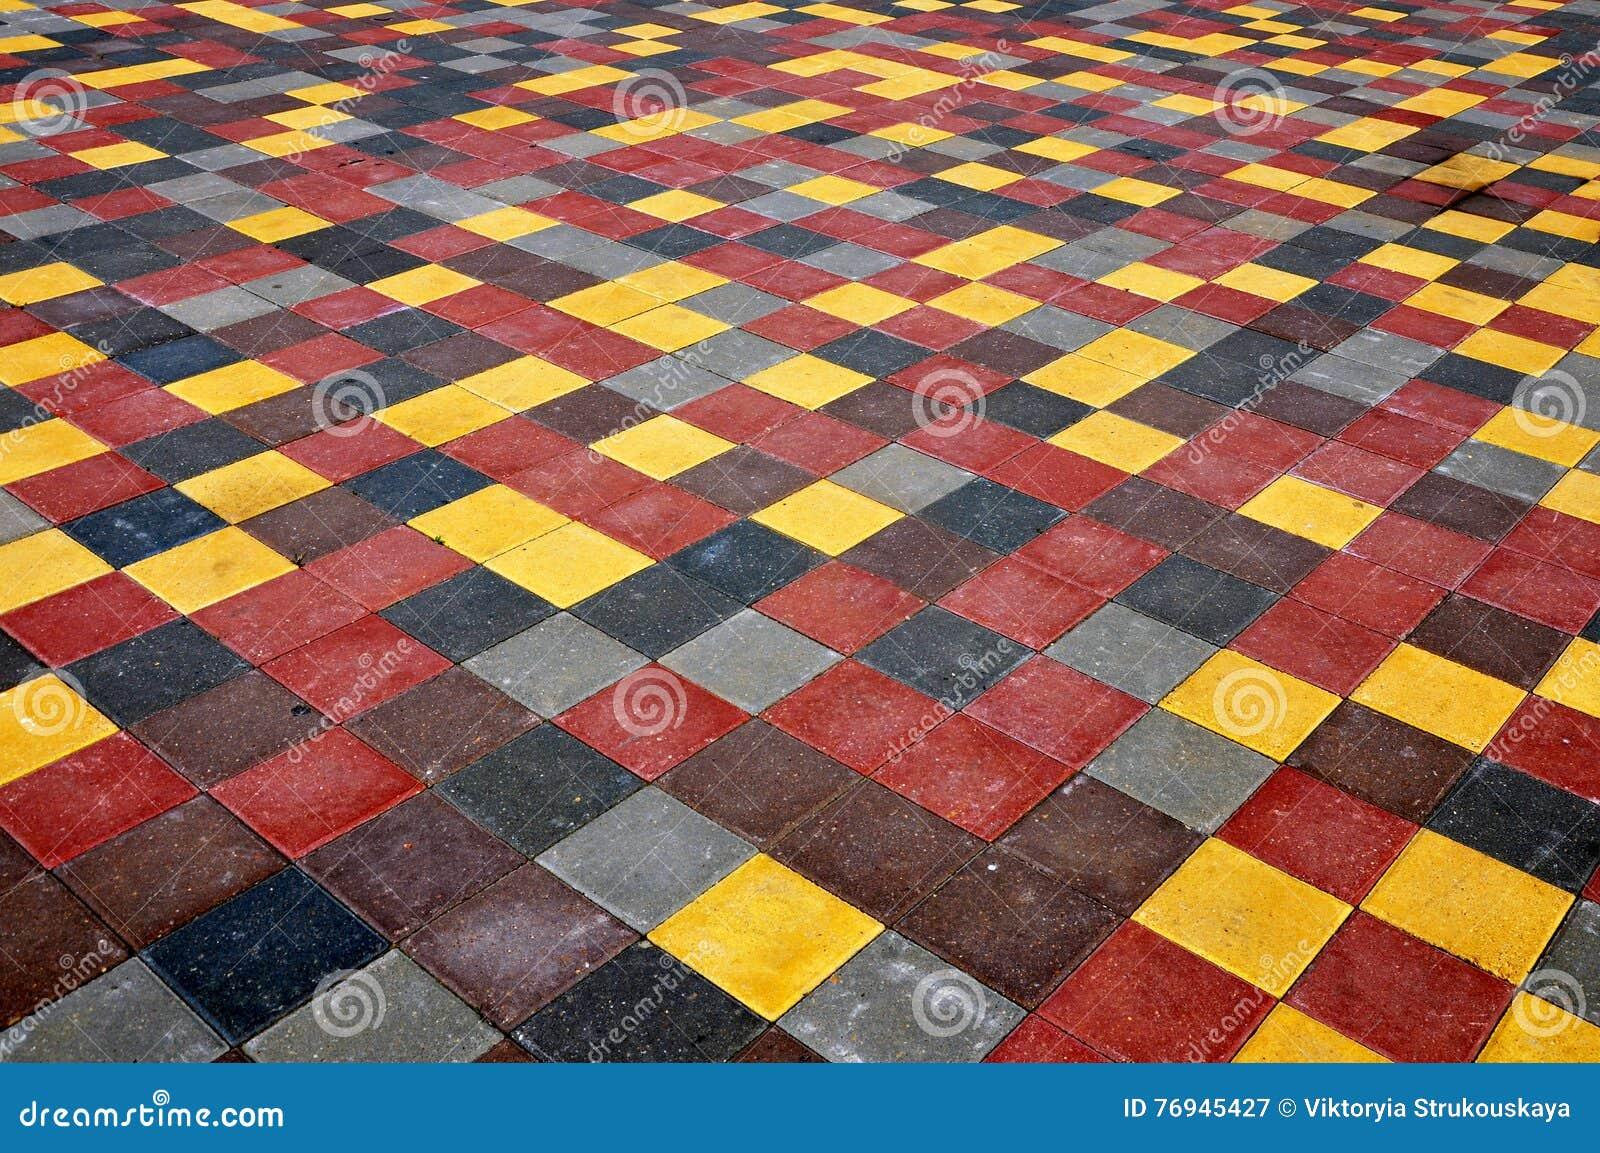 Pavimento de tejas concretas cuadradas